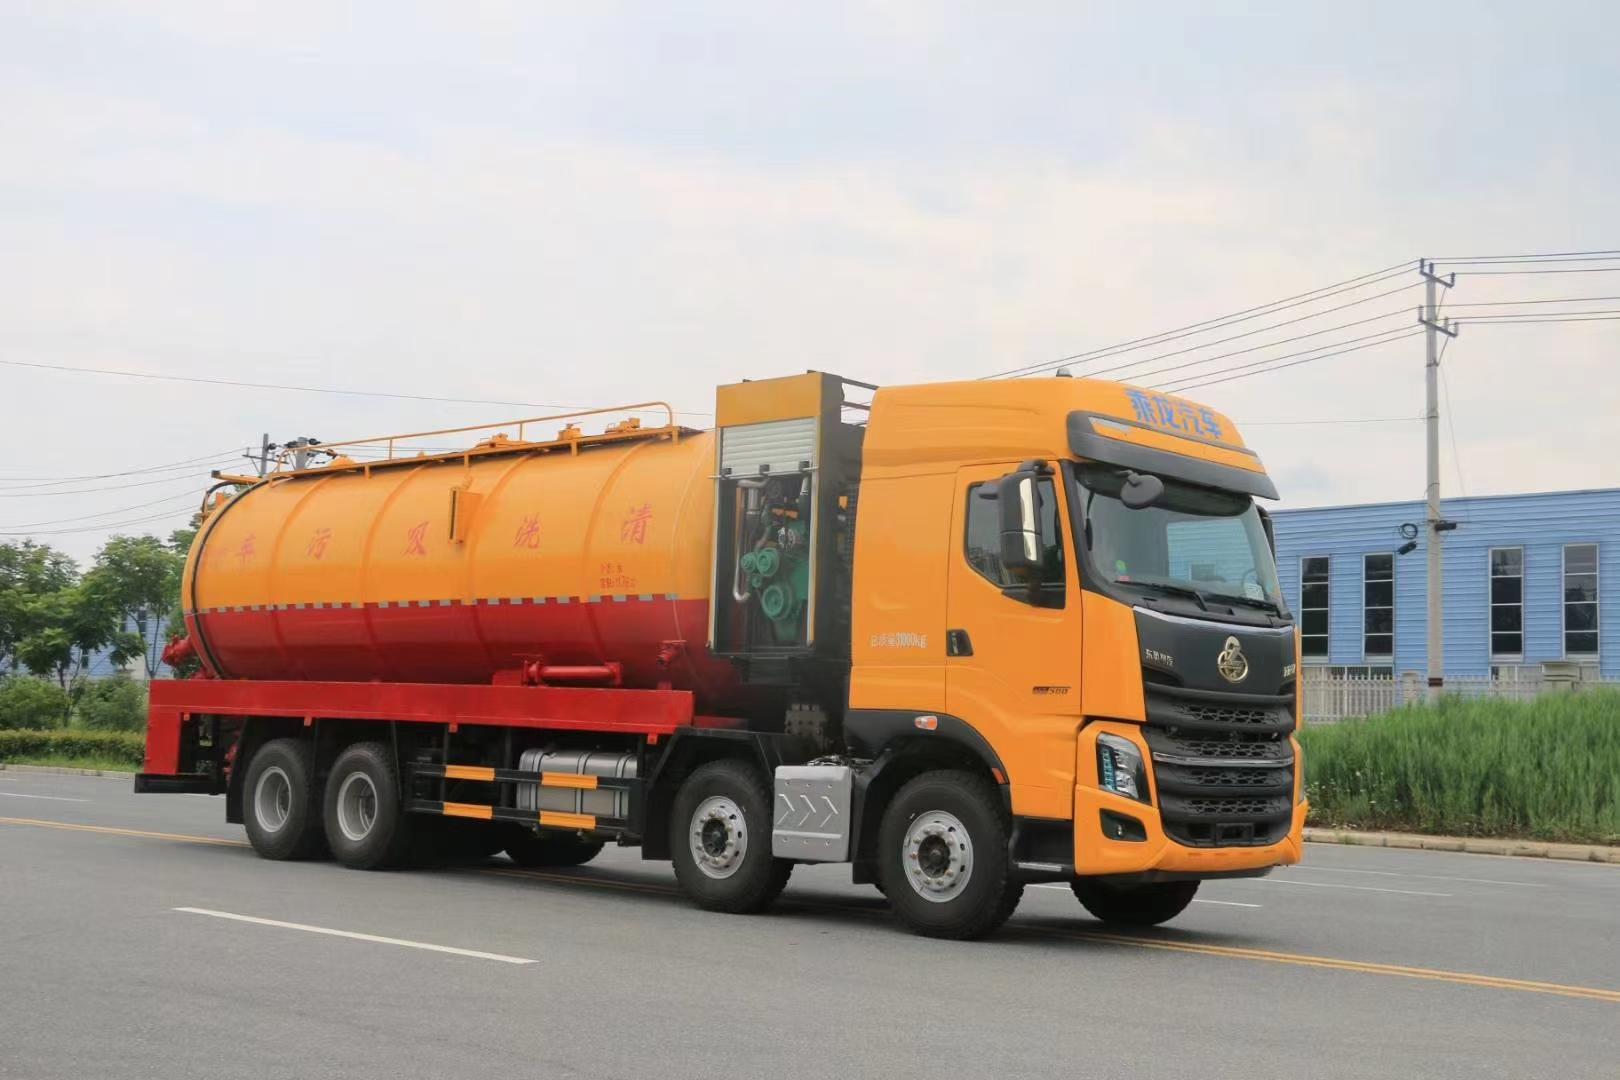 东风柳汽乘龙清洗吸污车-国六污泥运输车 大型27方罐式淤泥运输车污泥转运车